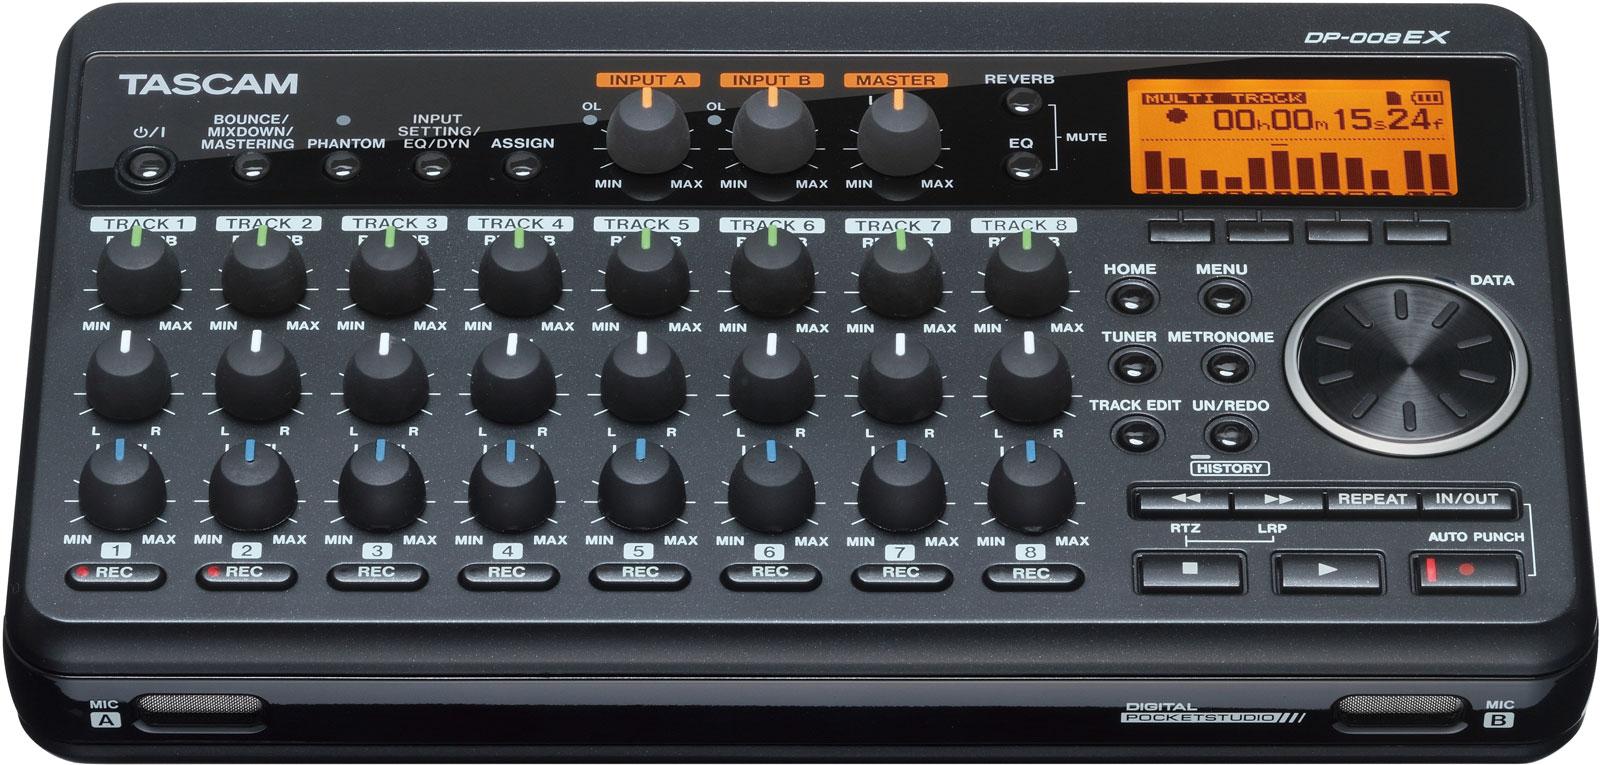 tascam dp008ex digital 8 track recorder. Black Bedroom Furniture Sets. Home Design Ideas